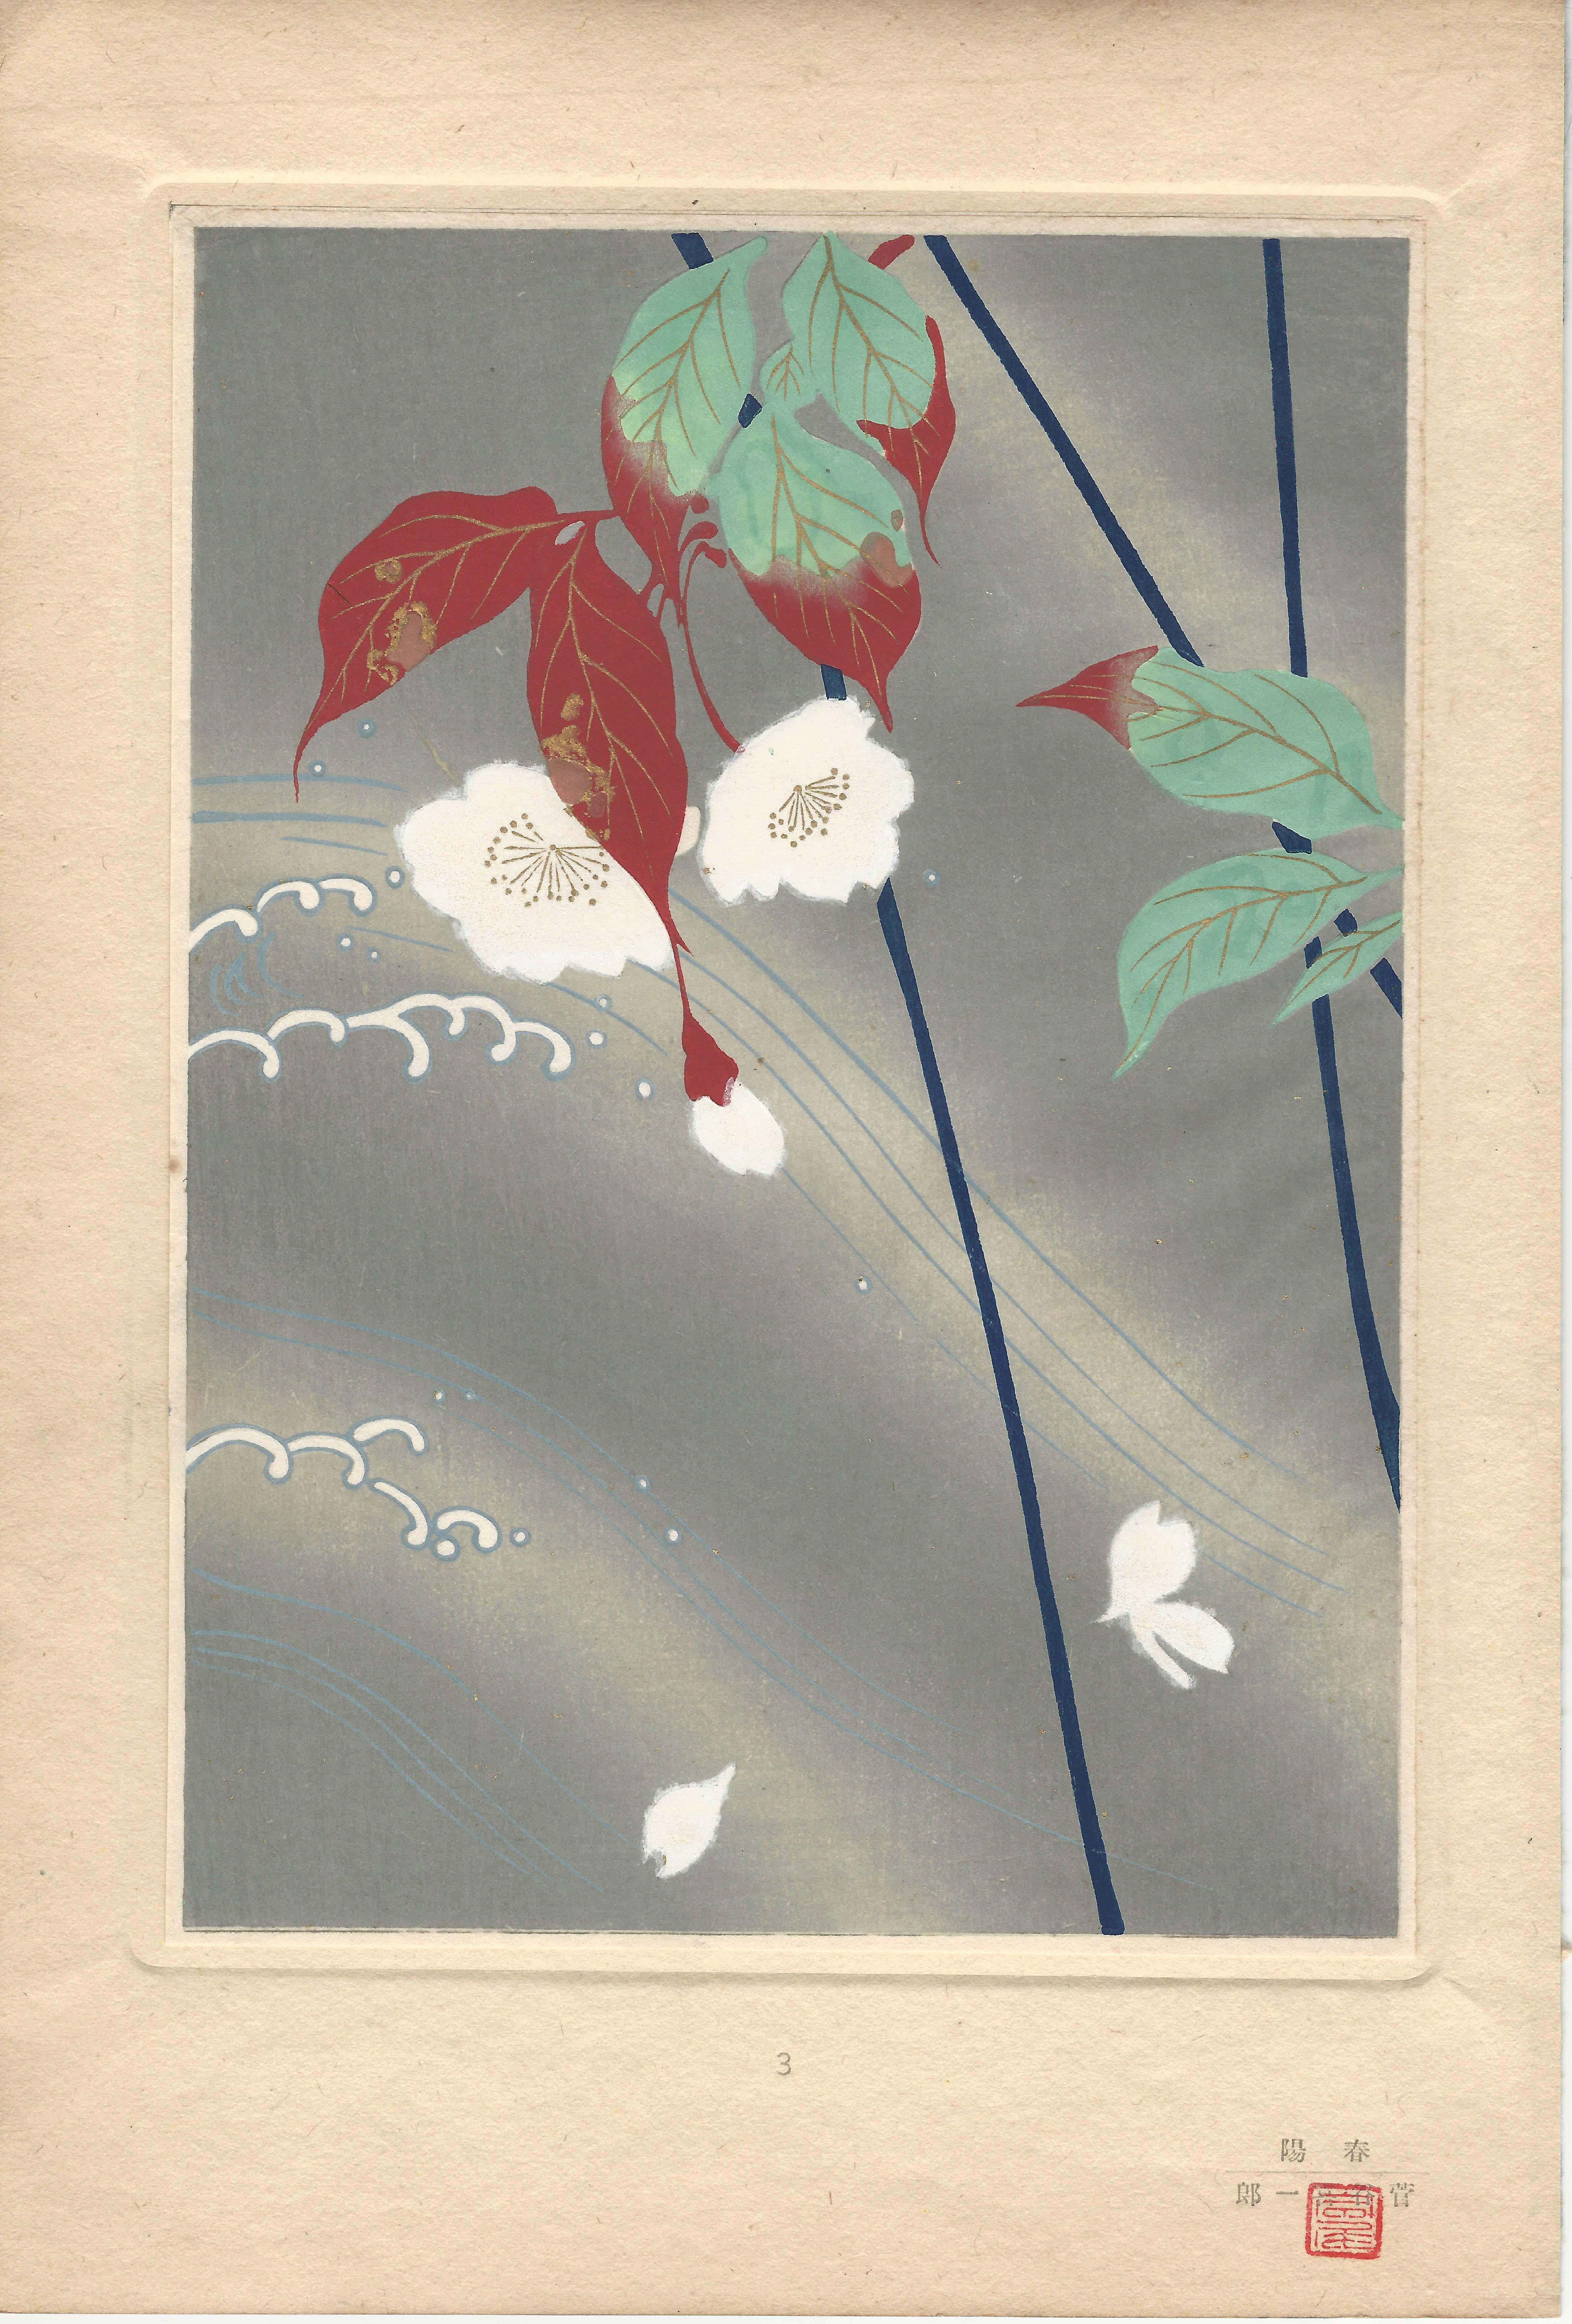 Sugaya KIICHIRO (Giappone, attivo inizi XX secolo) – FIORI